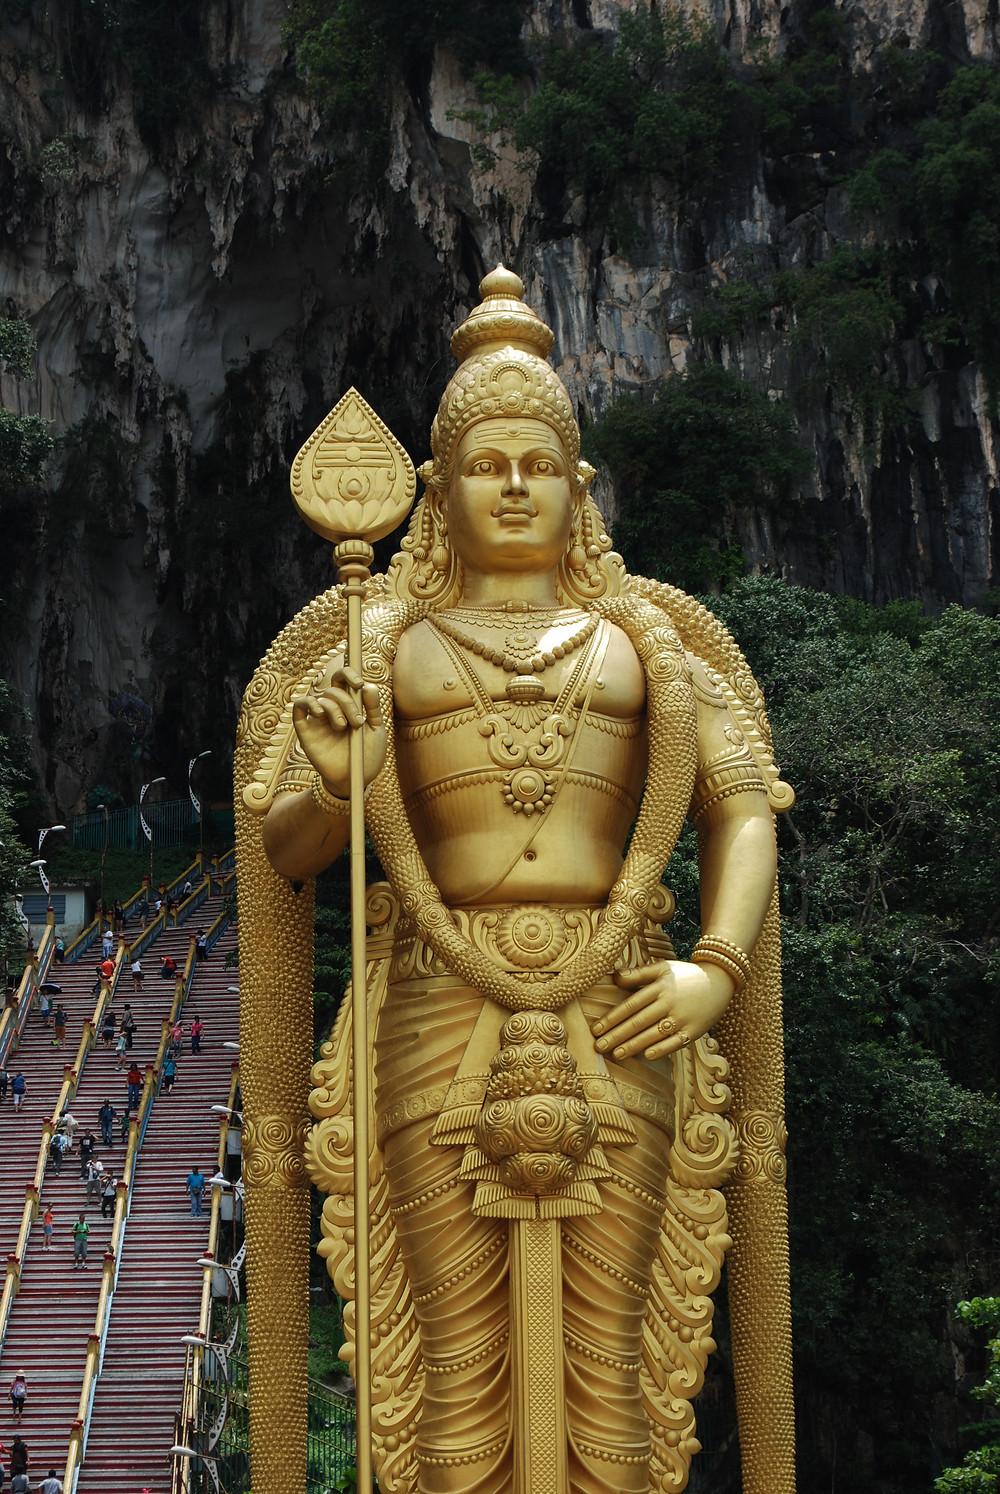 Batu Caves, le grotte sacre di Kuala Lumpur, Malesia, Malaysia